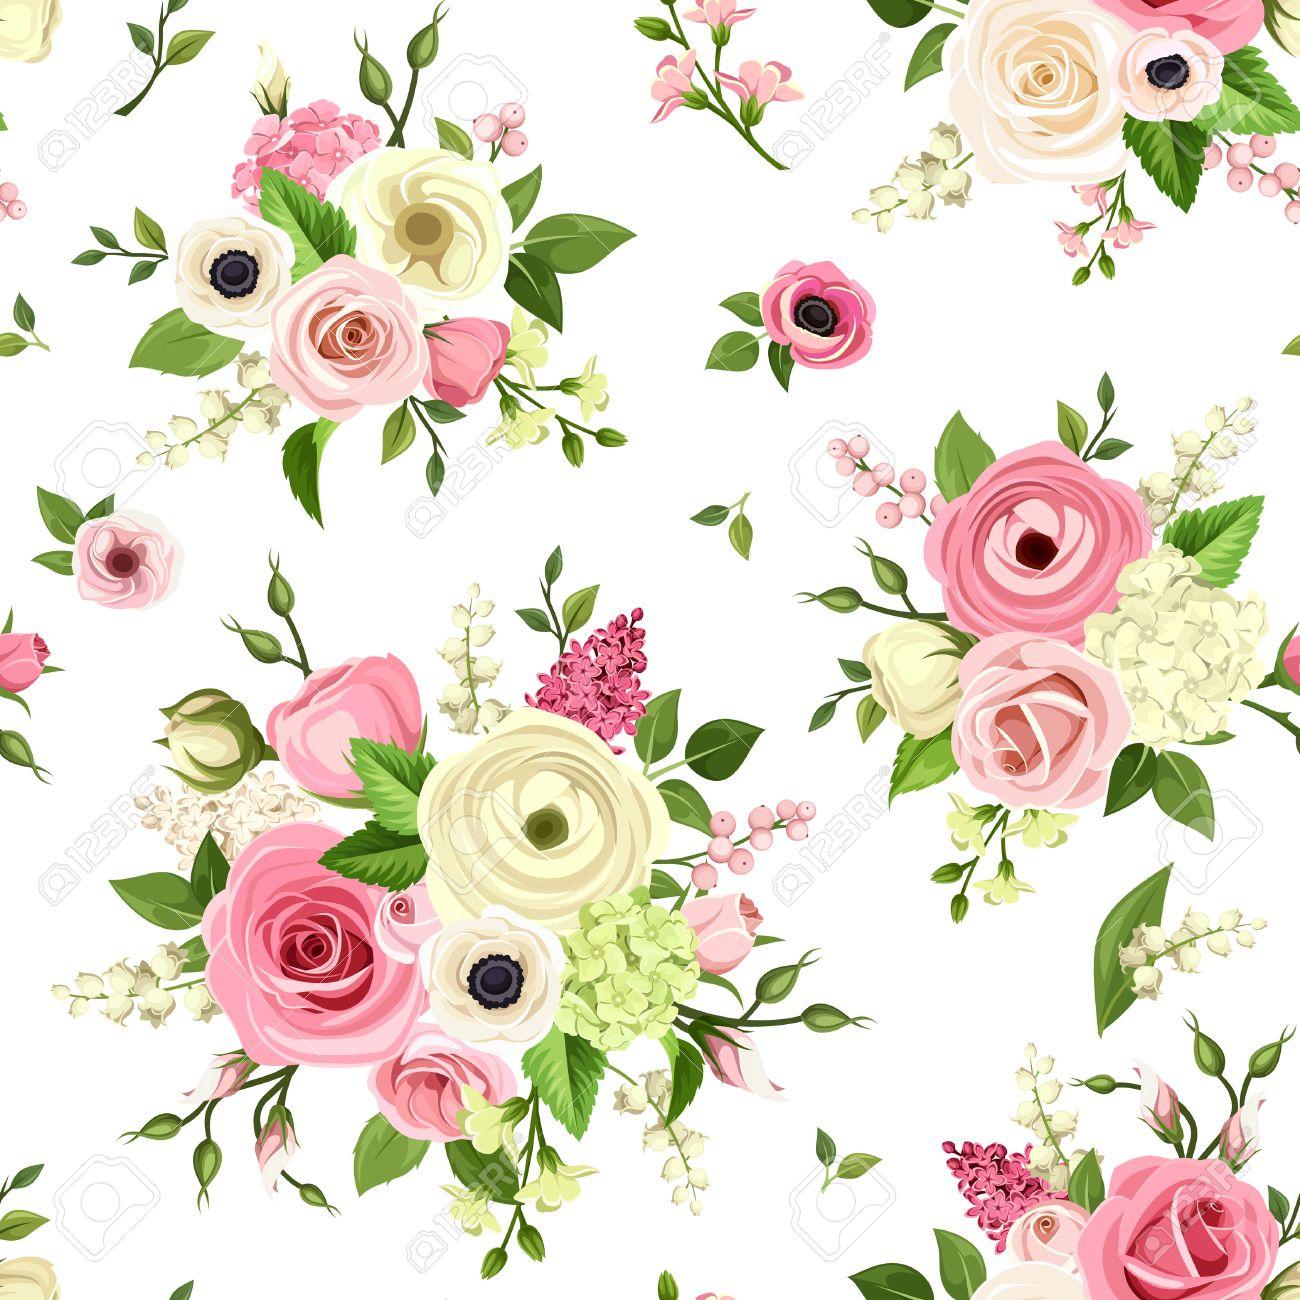 Vector Sin Patrón Con Flores Rosas Y Blancas En Un Fondo Blanco